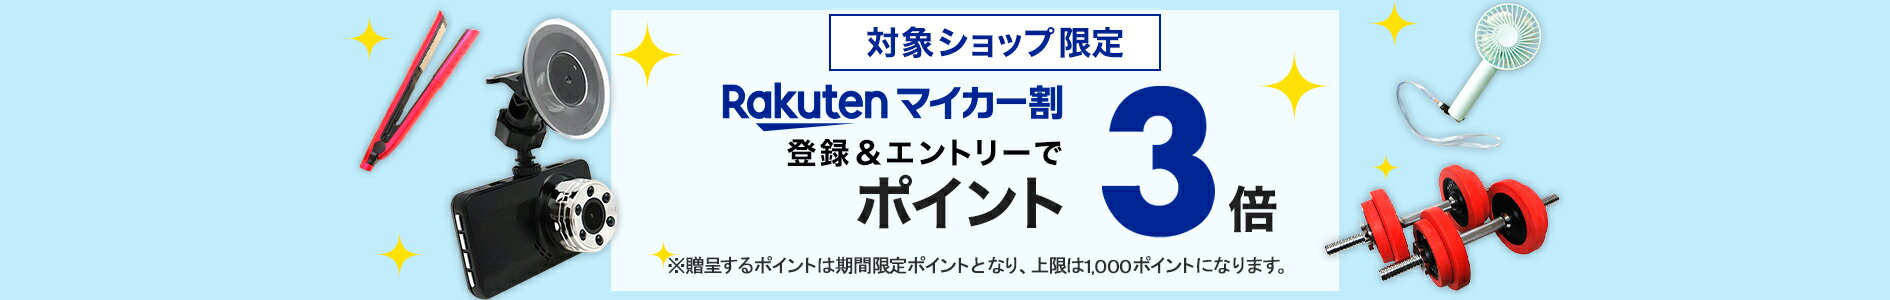 対象ショップ限定Rakutenマイカー割 登録&エントリーでポイント3倍